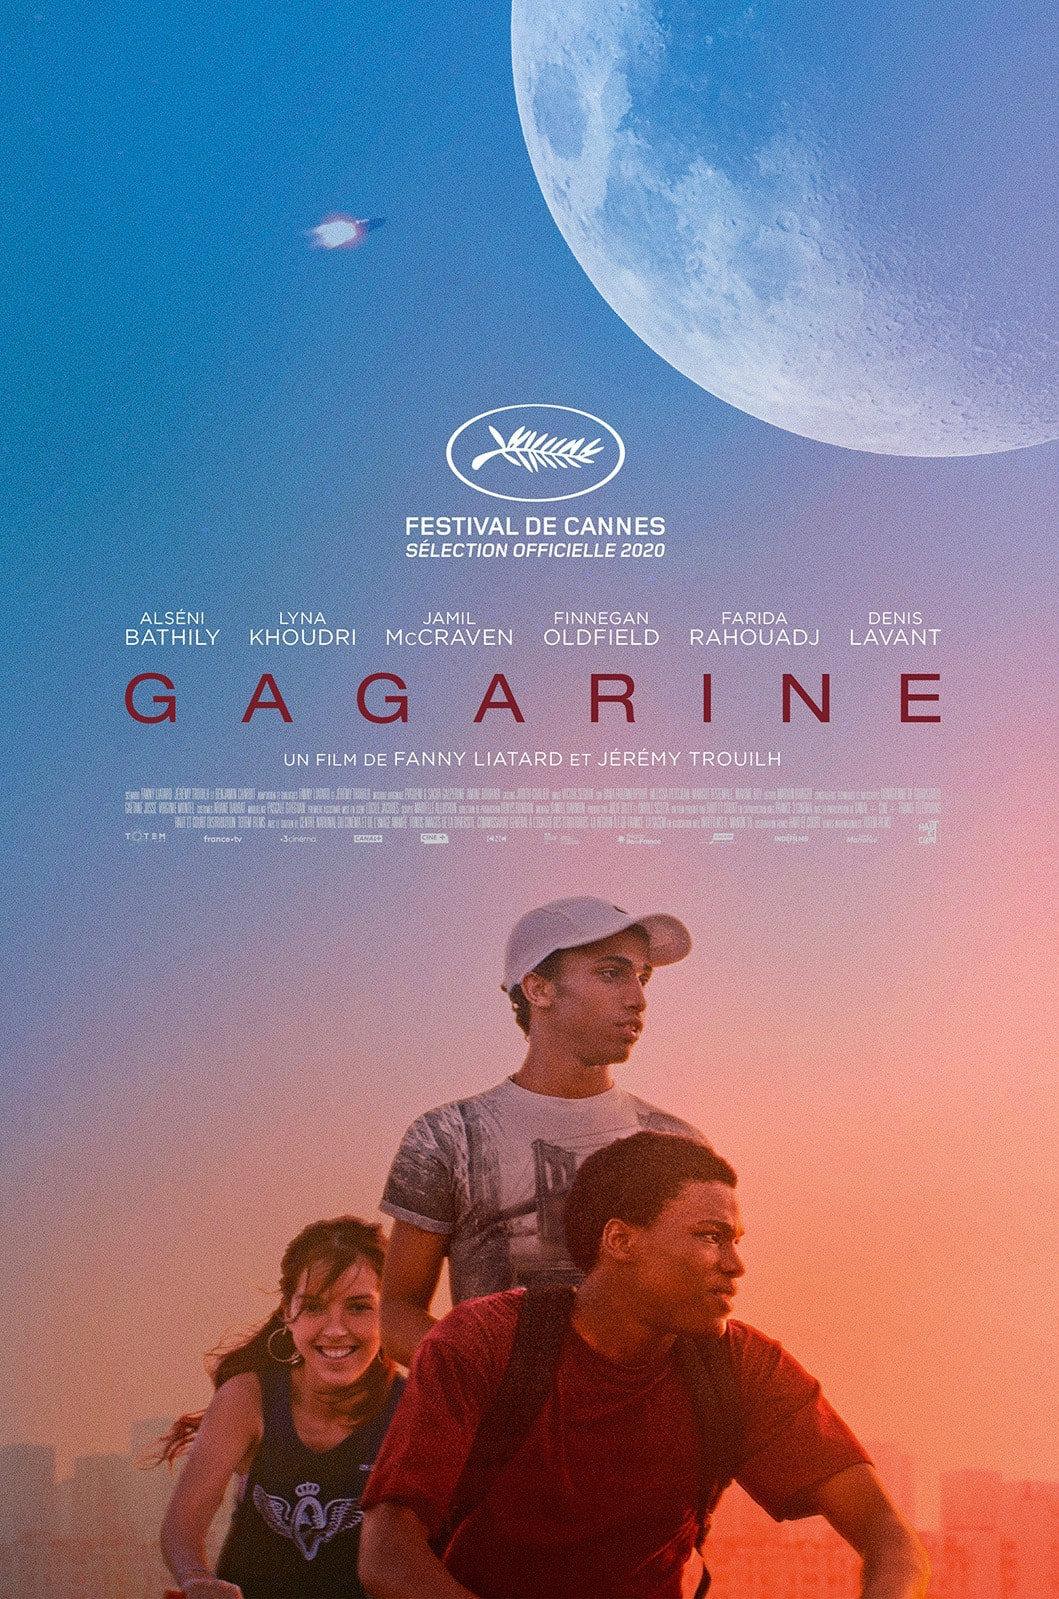 Gagarine.jpg